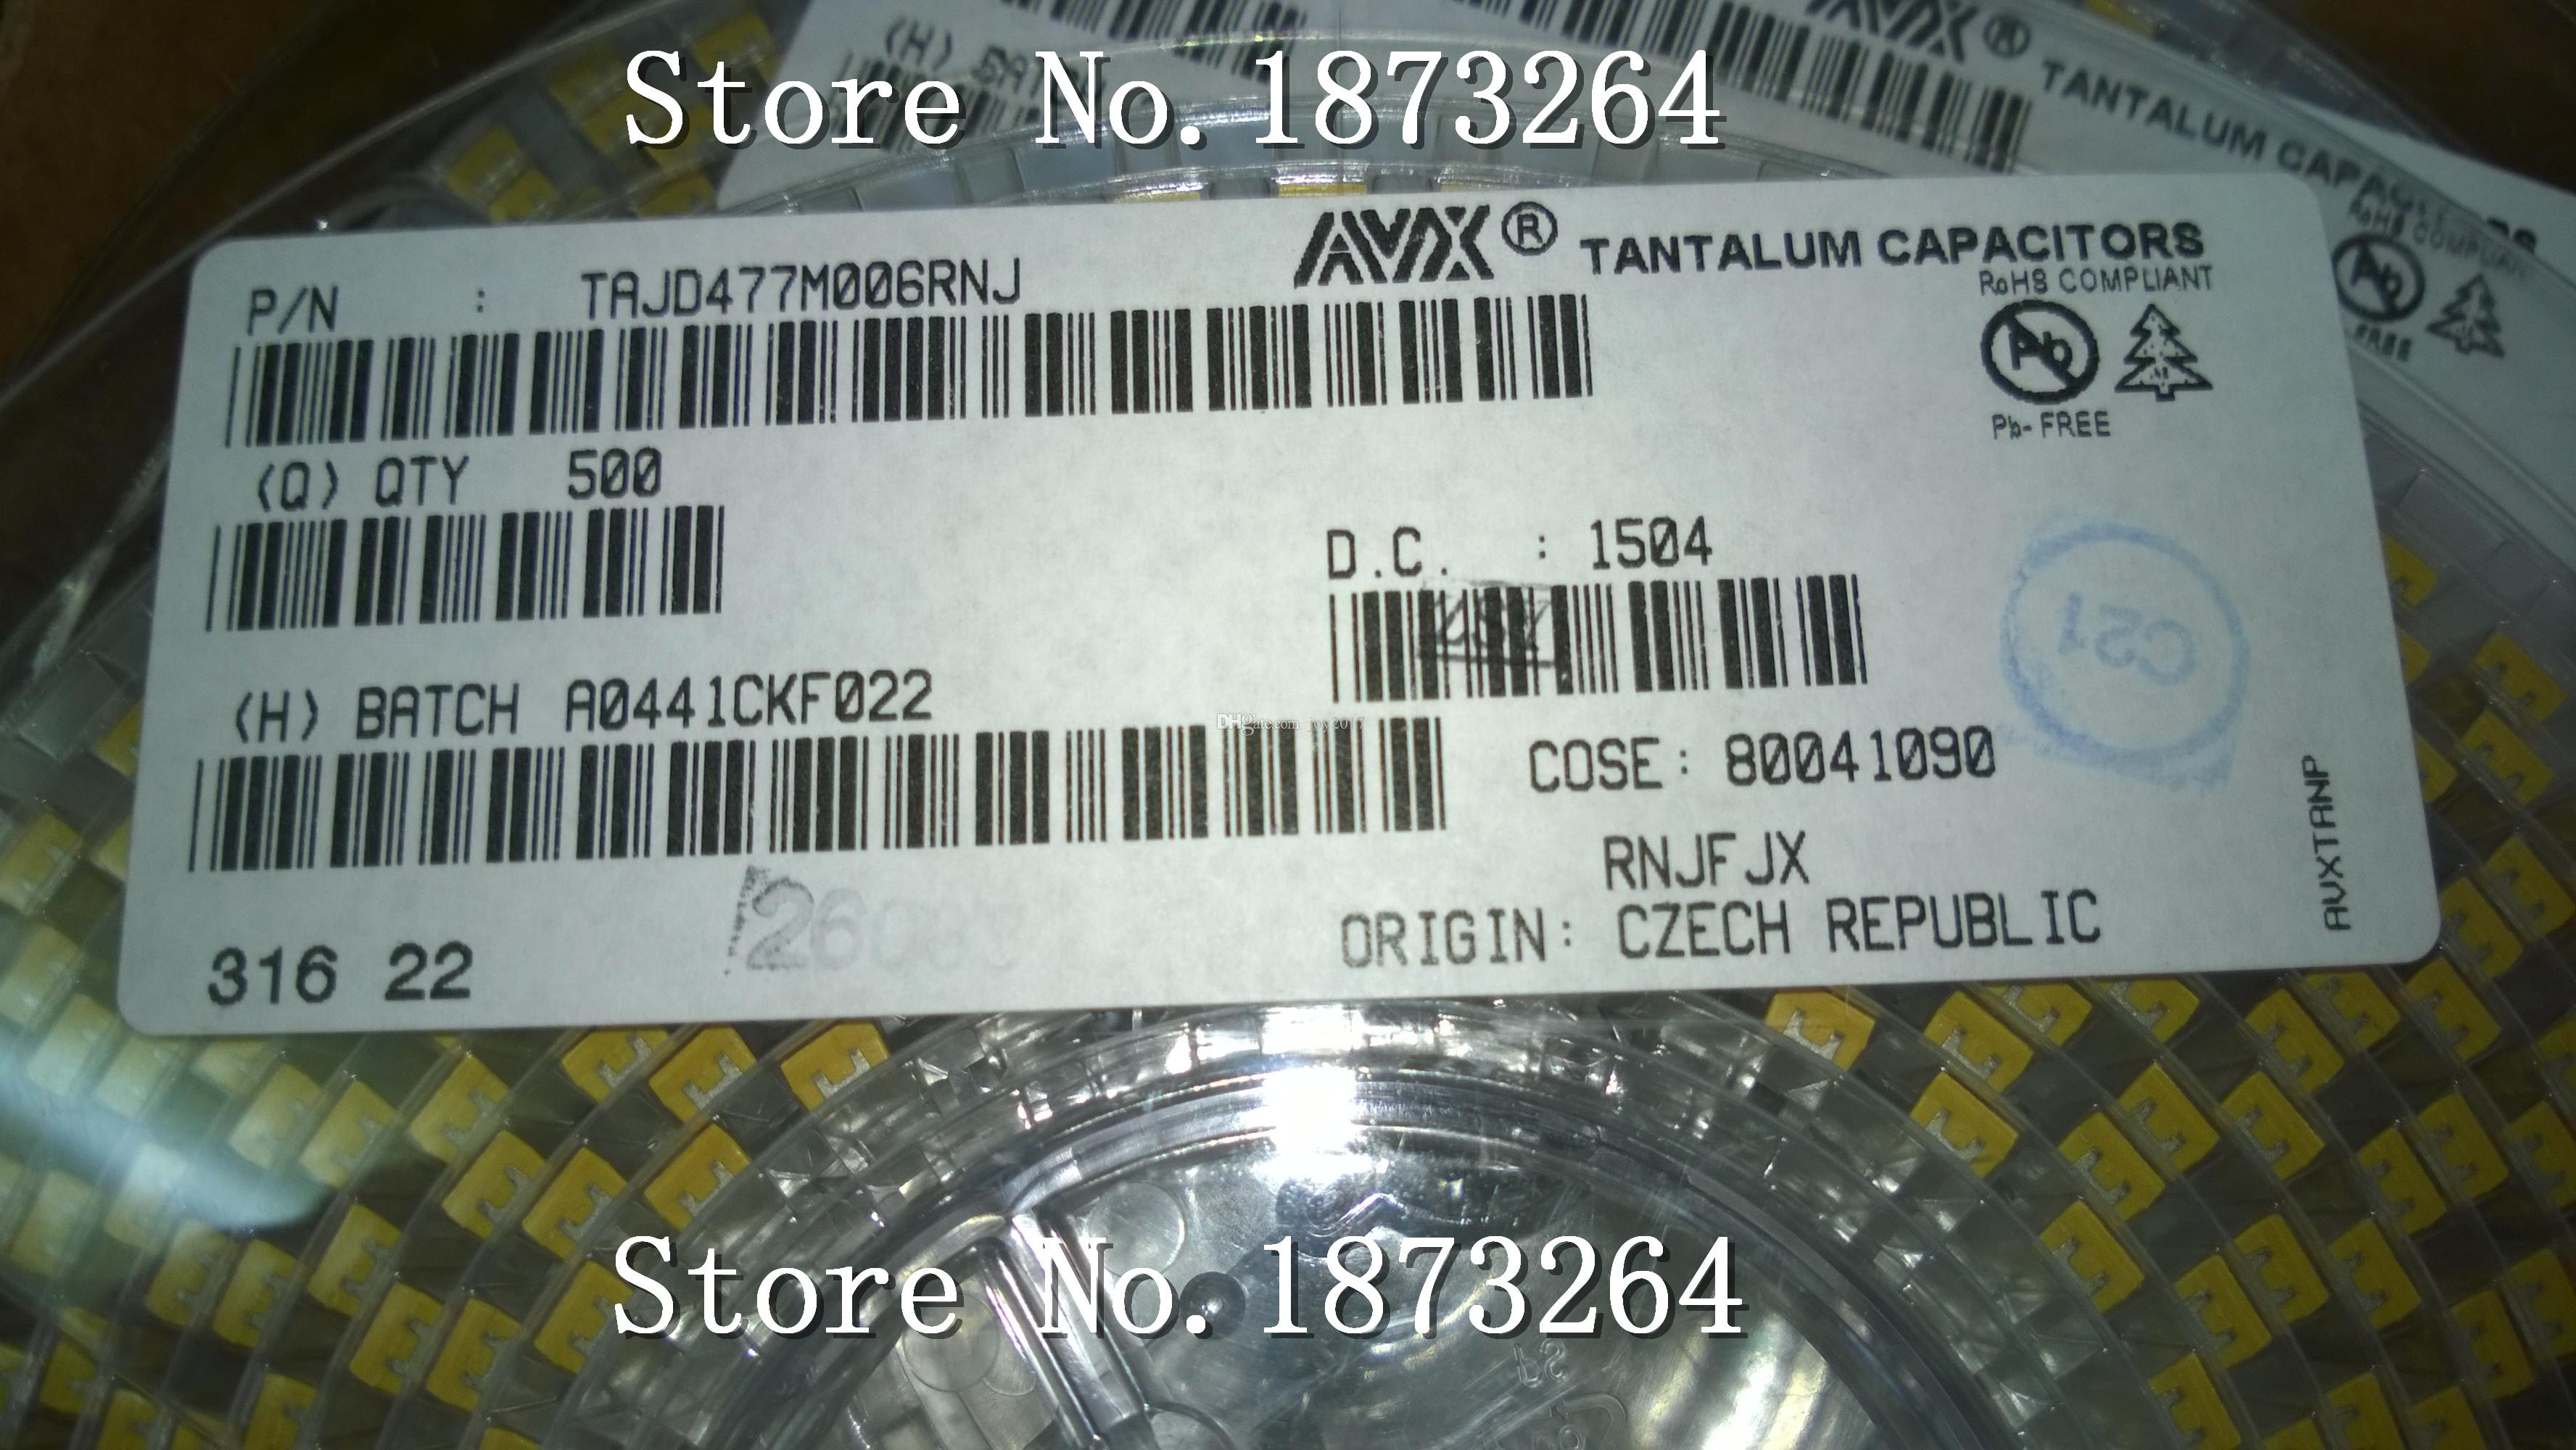 Livraison Gratuite 50PCS / LOT Condensateur Tantale SMD 477 470uF 6.3v D taille TAJD477M006RNJ 7343